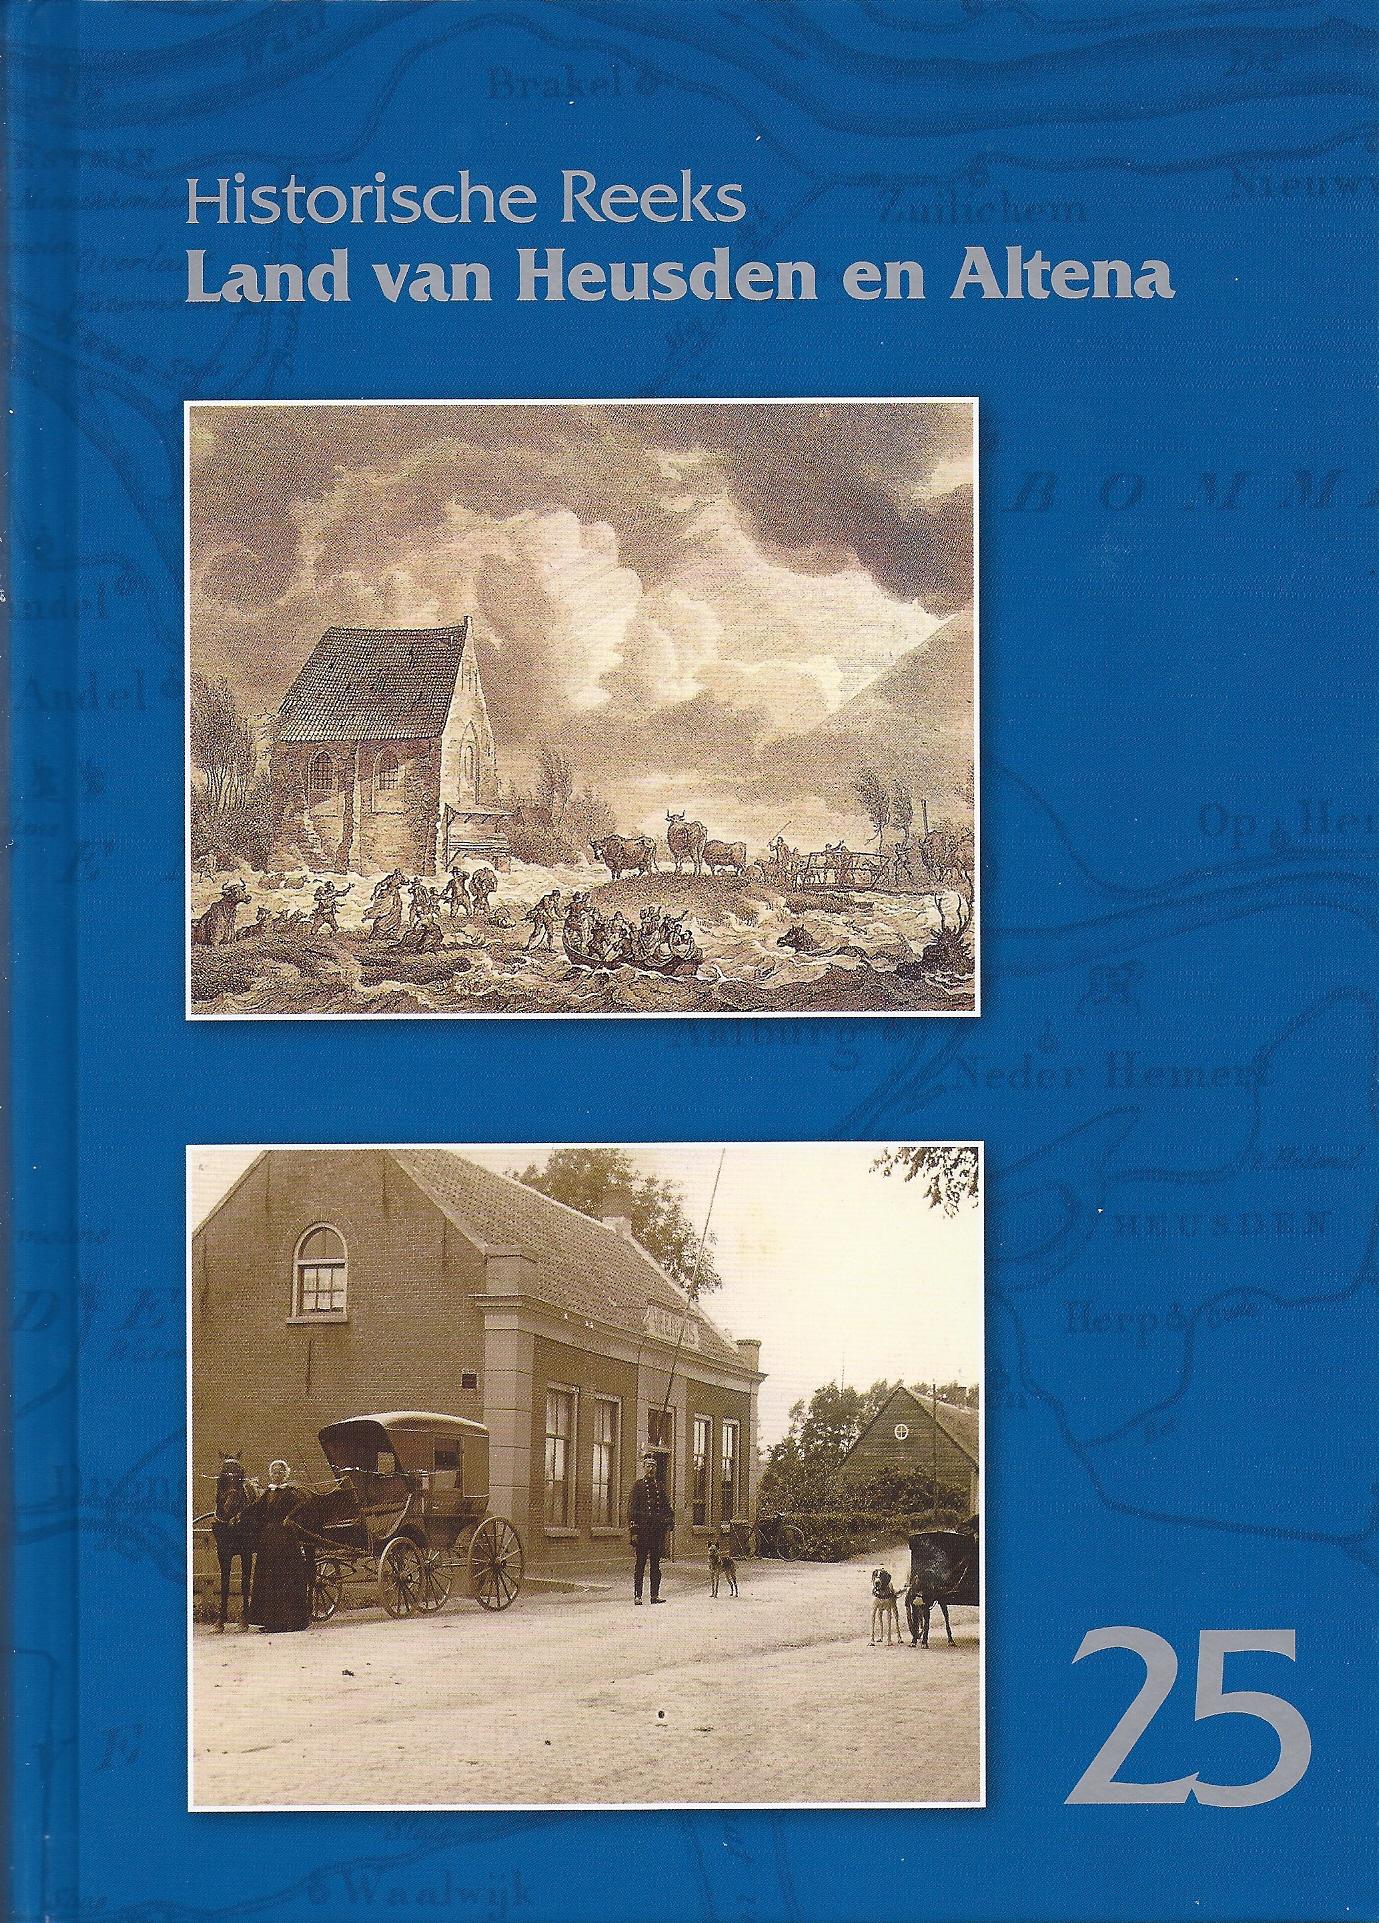 Land van Heusden en Altena 25